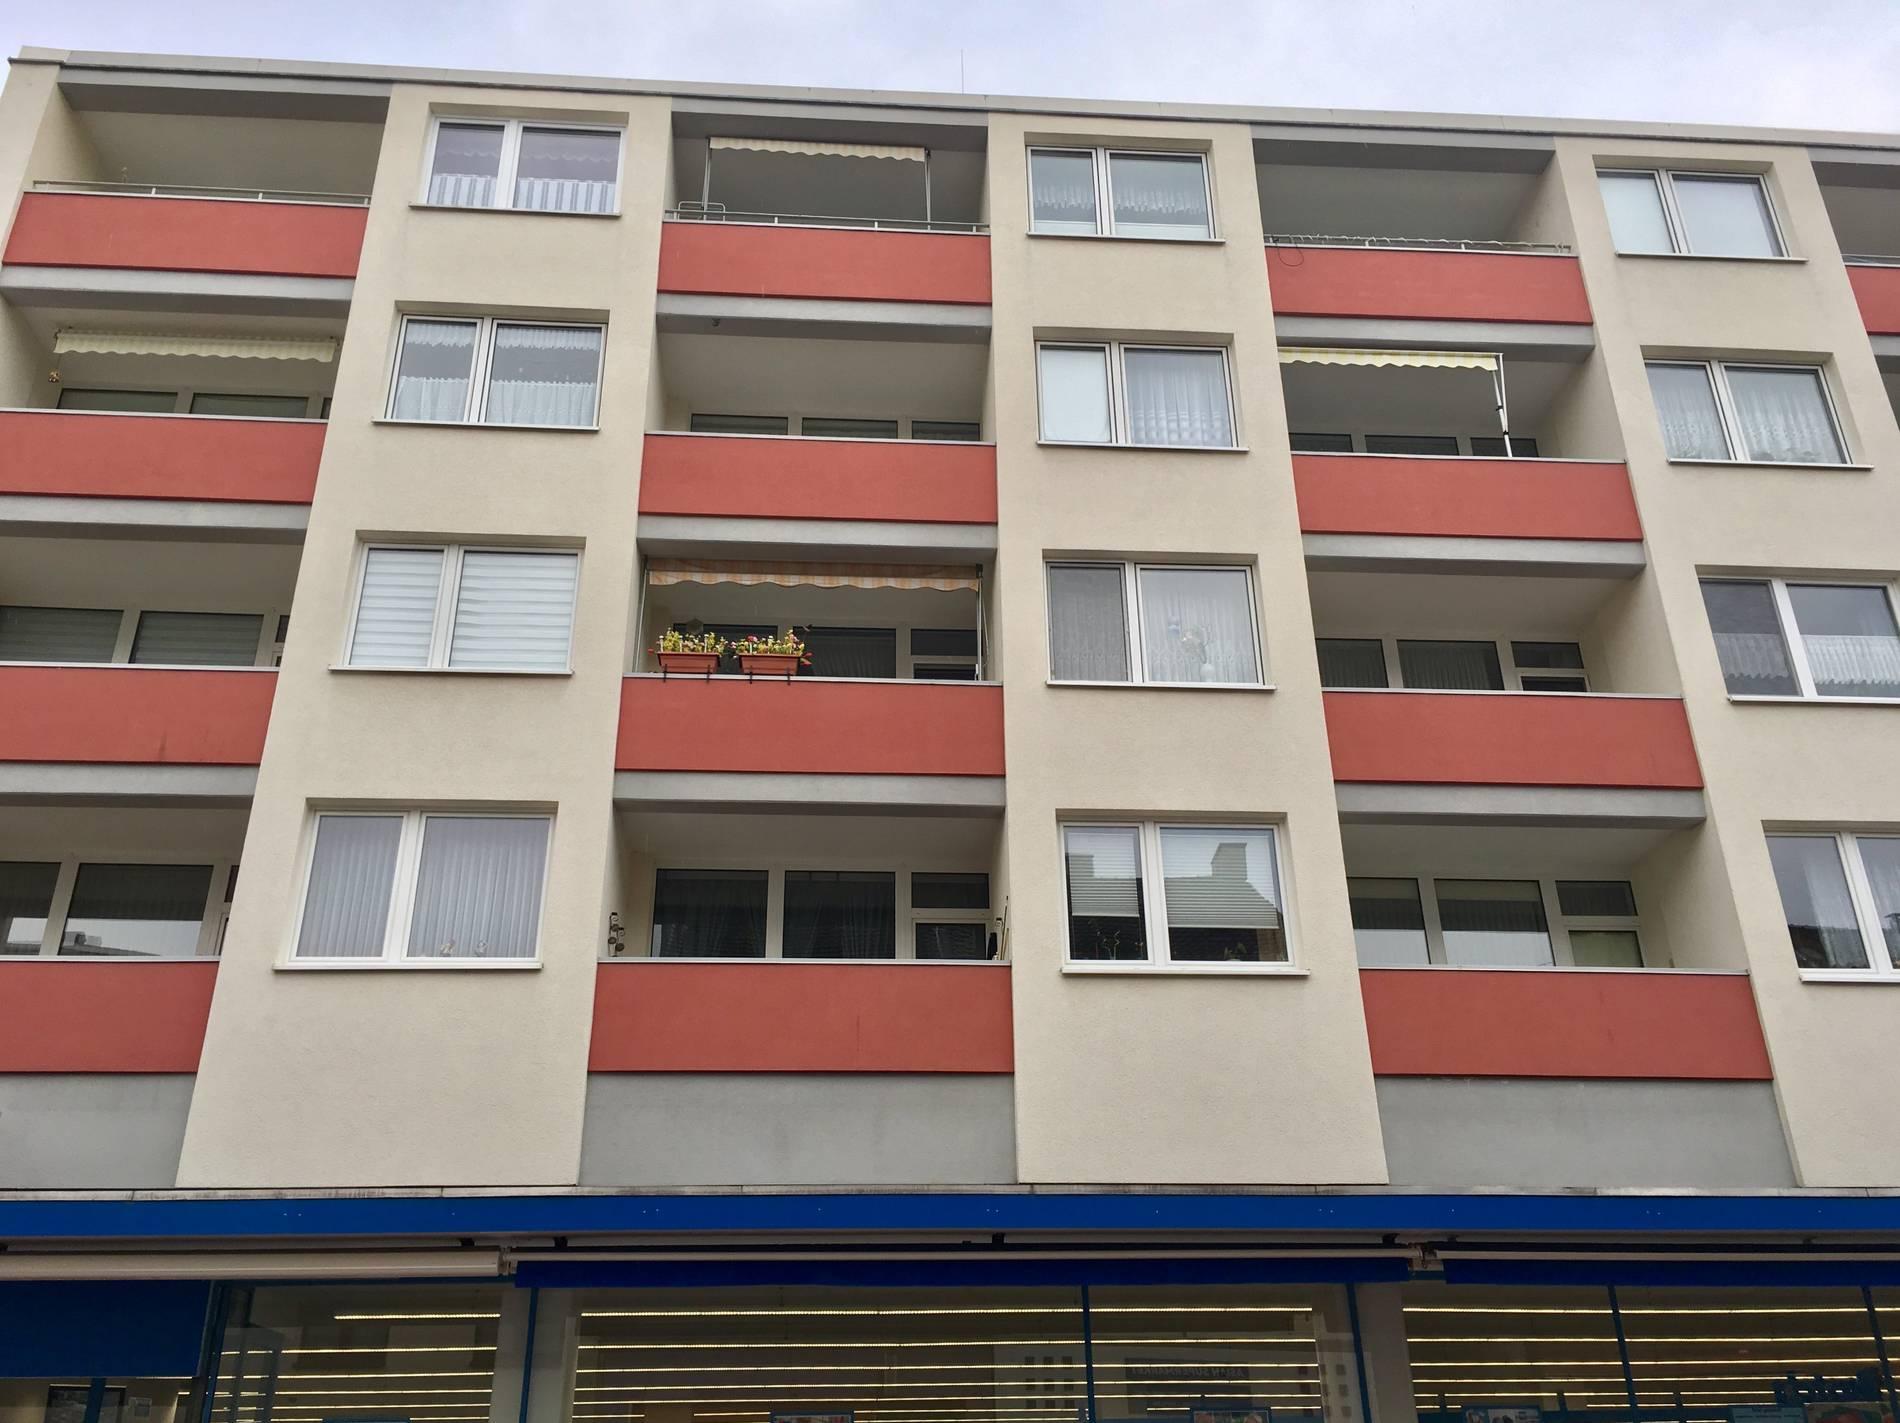 Mietwohnungen In Leverkusen